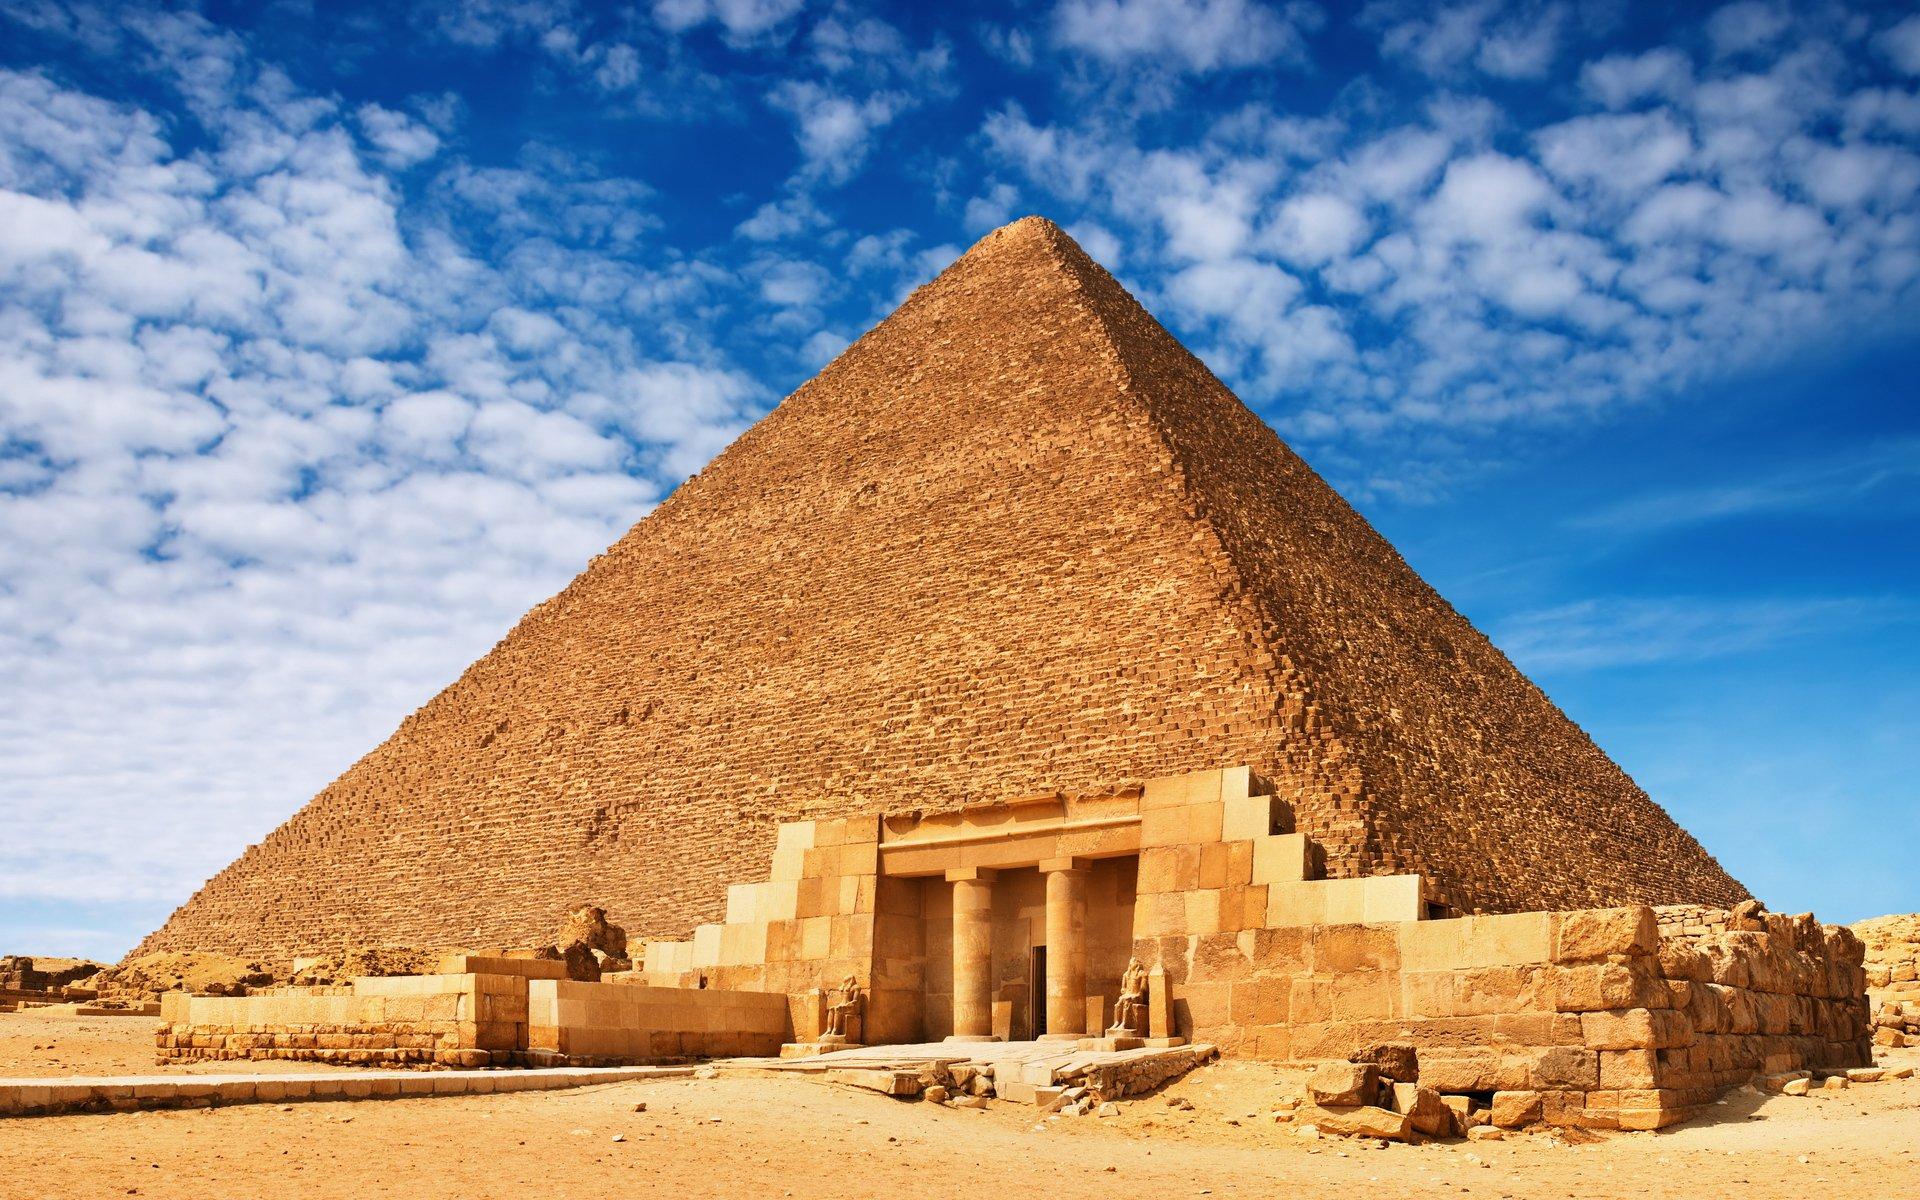 Российские турфирмы смогут формировать туры в Египет